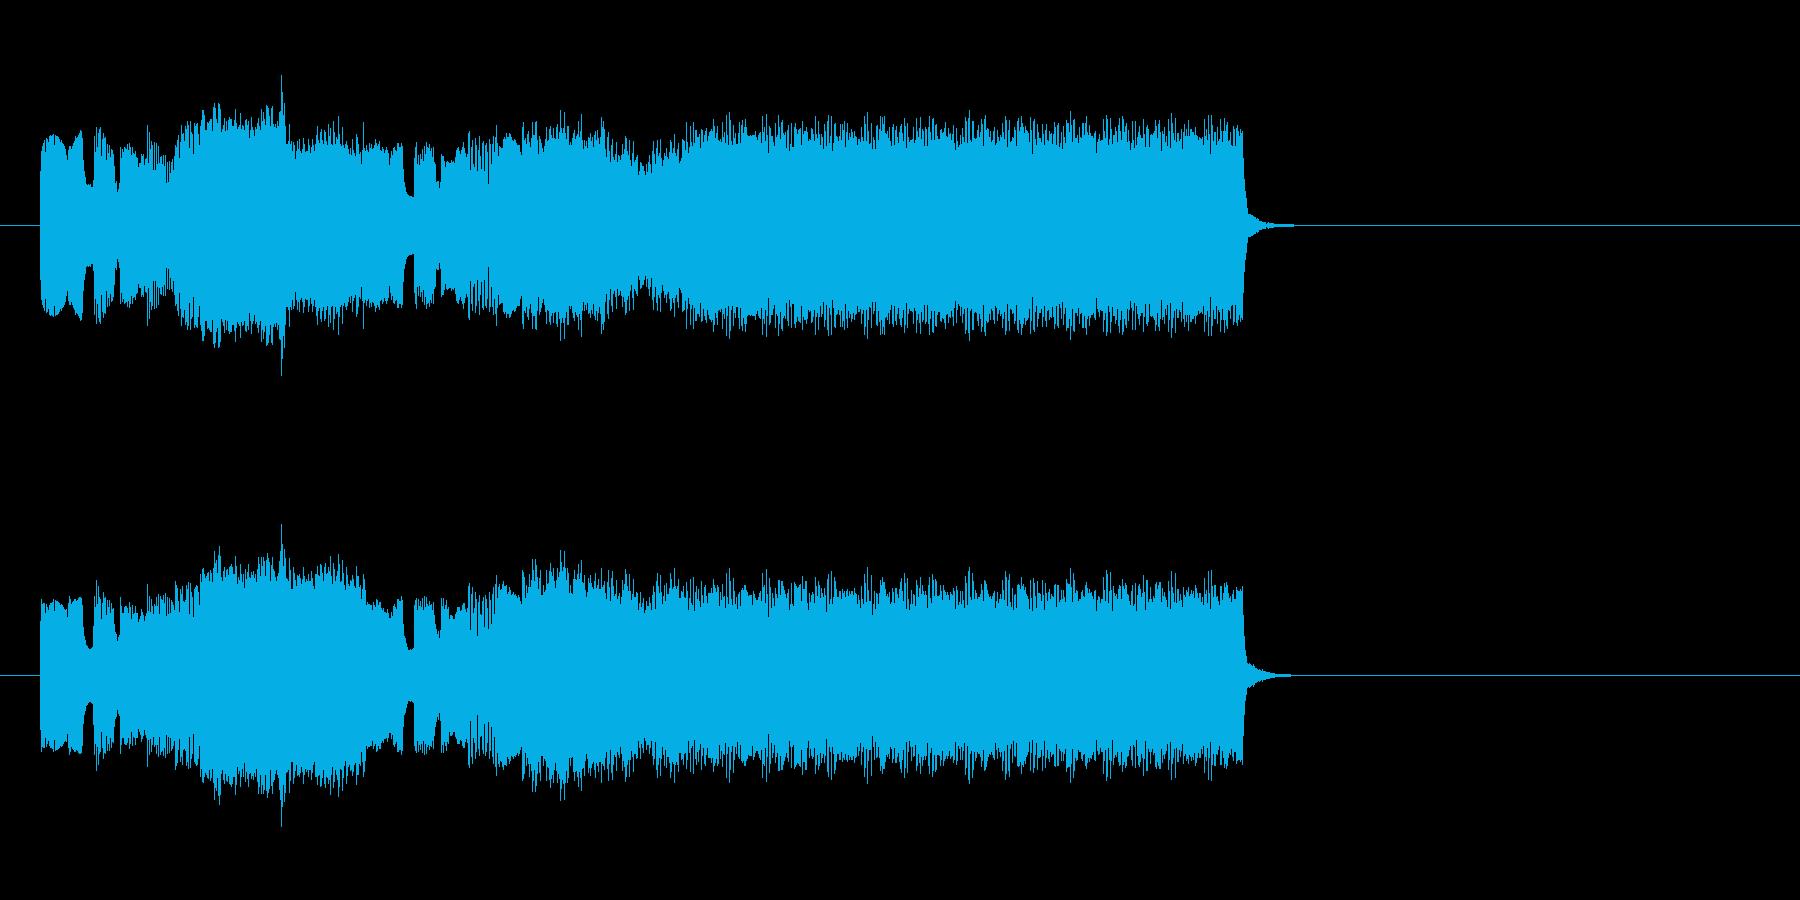 ファミコン風の勝利ファンファーレの再生済みの波形